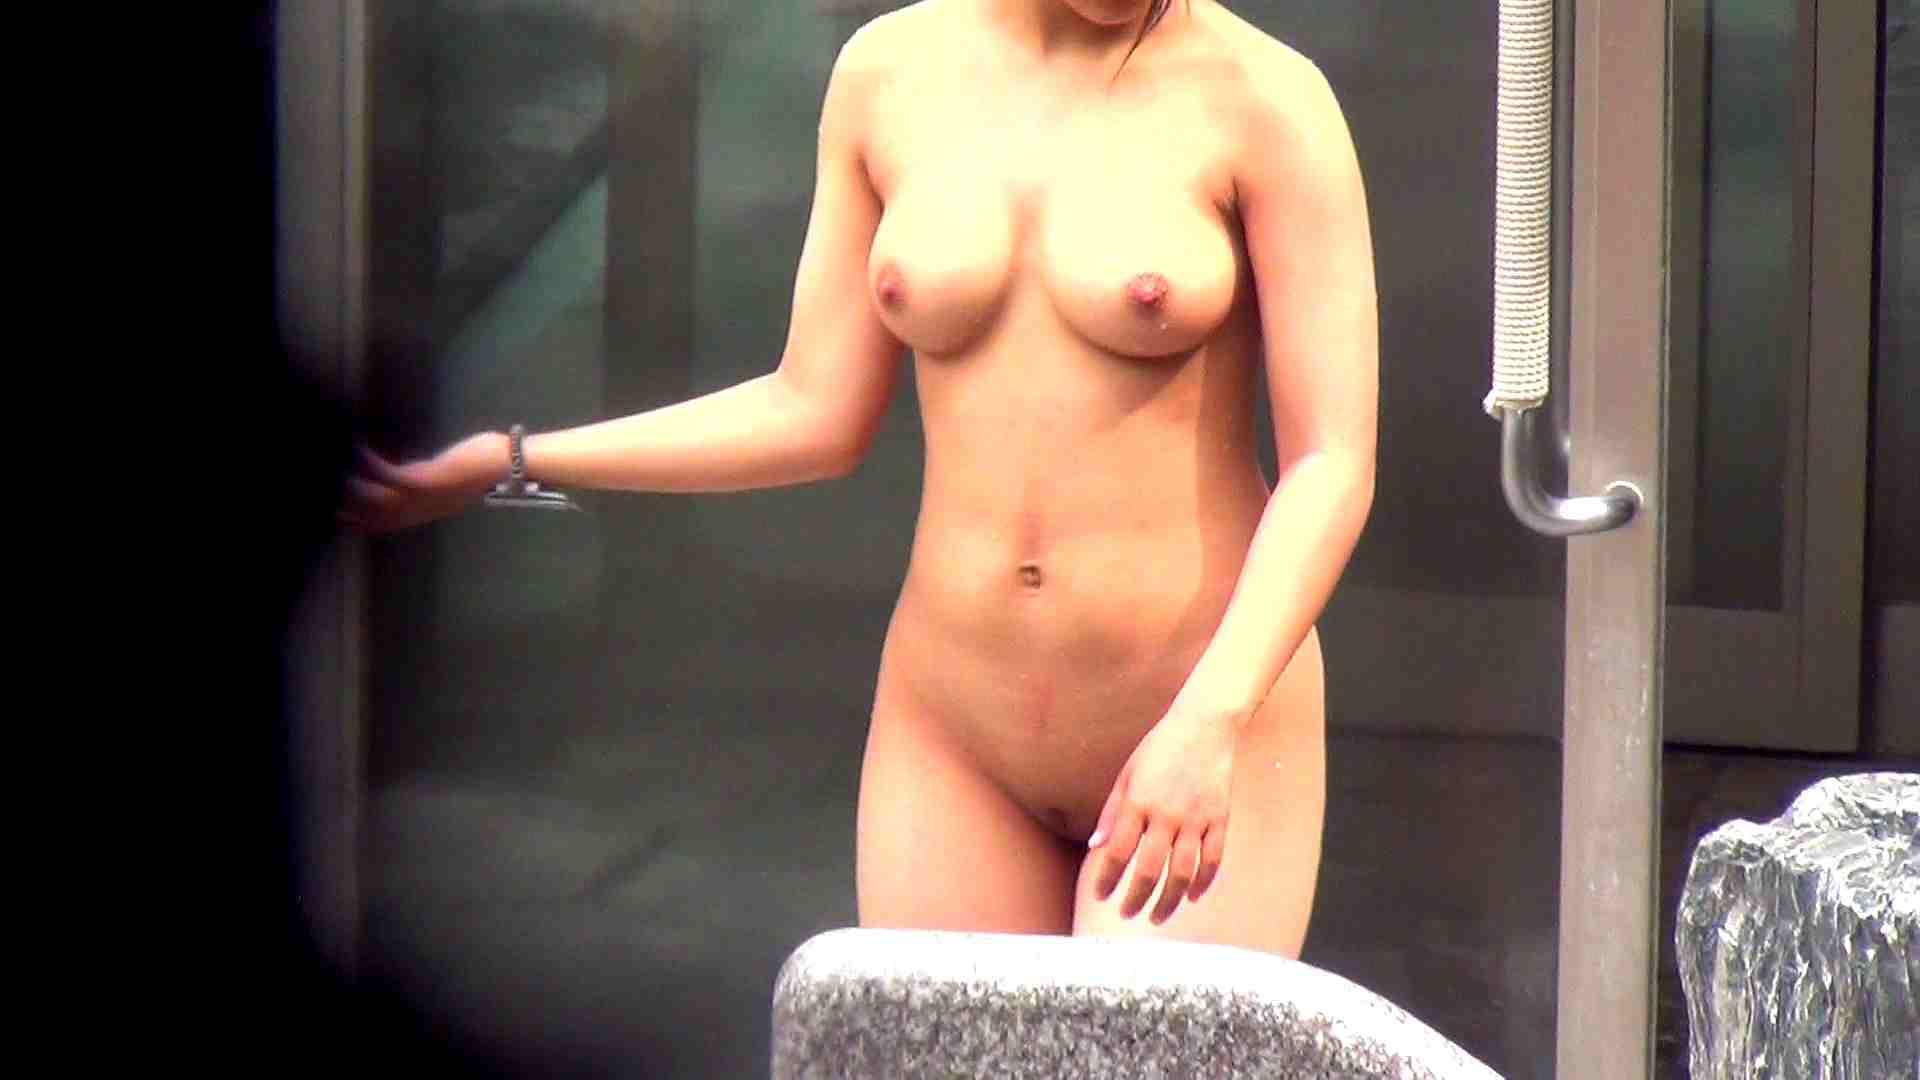 Vol.57 はちきれそうな肉体の下半身に目をやると・・・! 巨乳 セックス画像 67画像 23